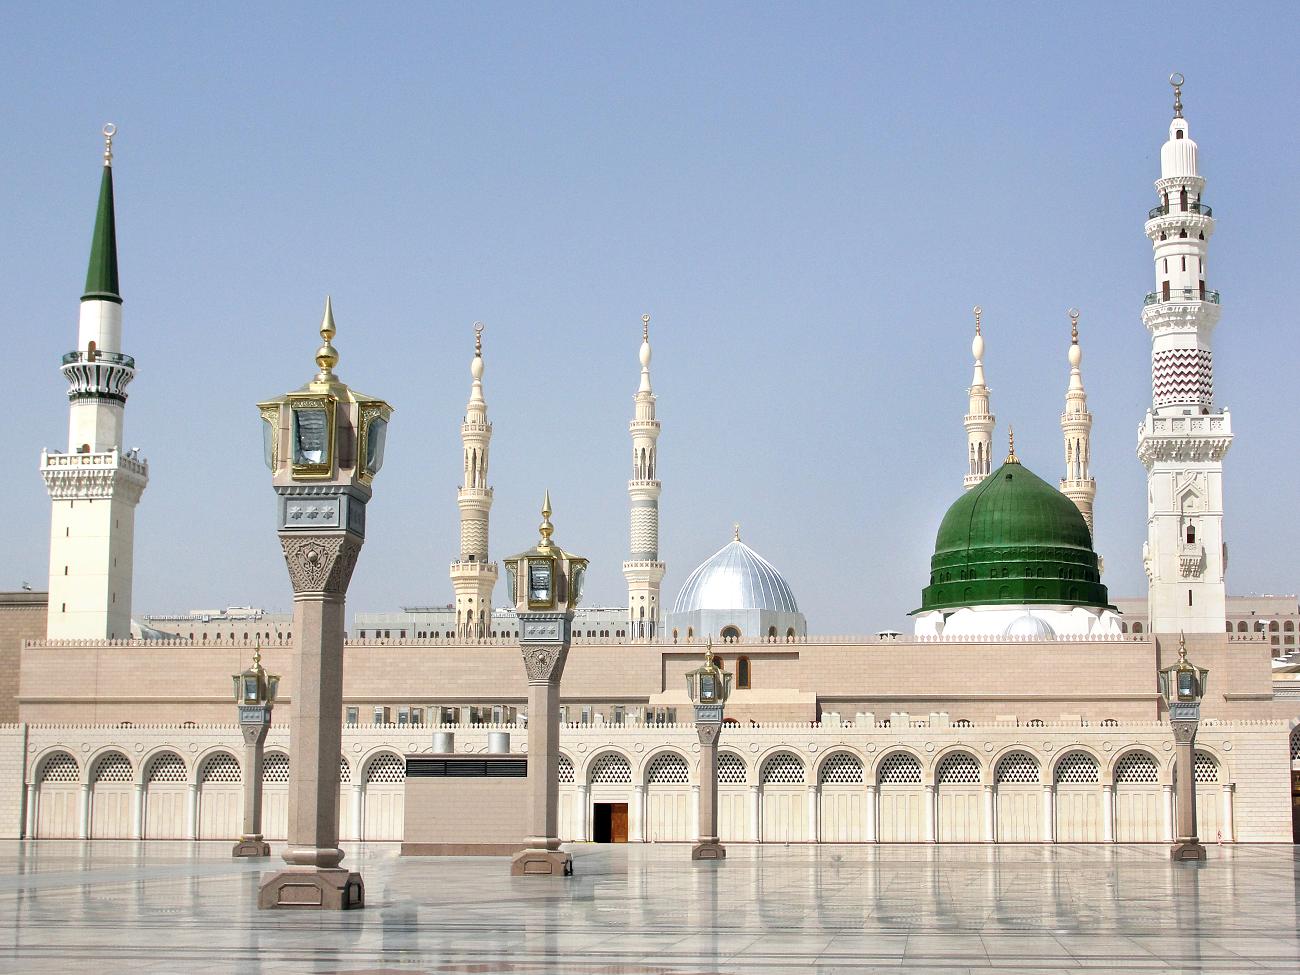 Mosque of the Prophet Muhammad Sallallahu alaihi wa sallam Madinah - Masjid Nabawi PNG